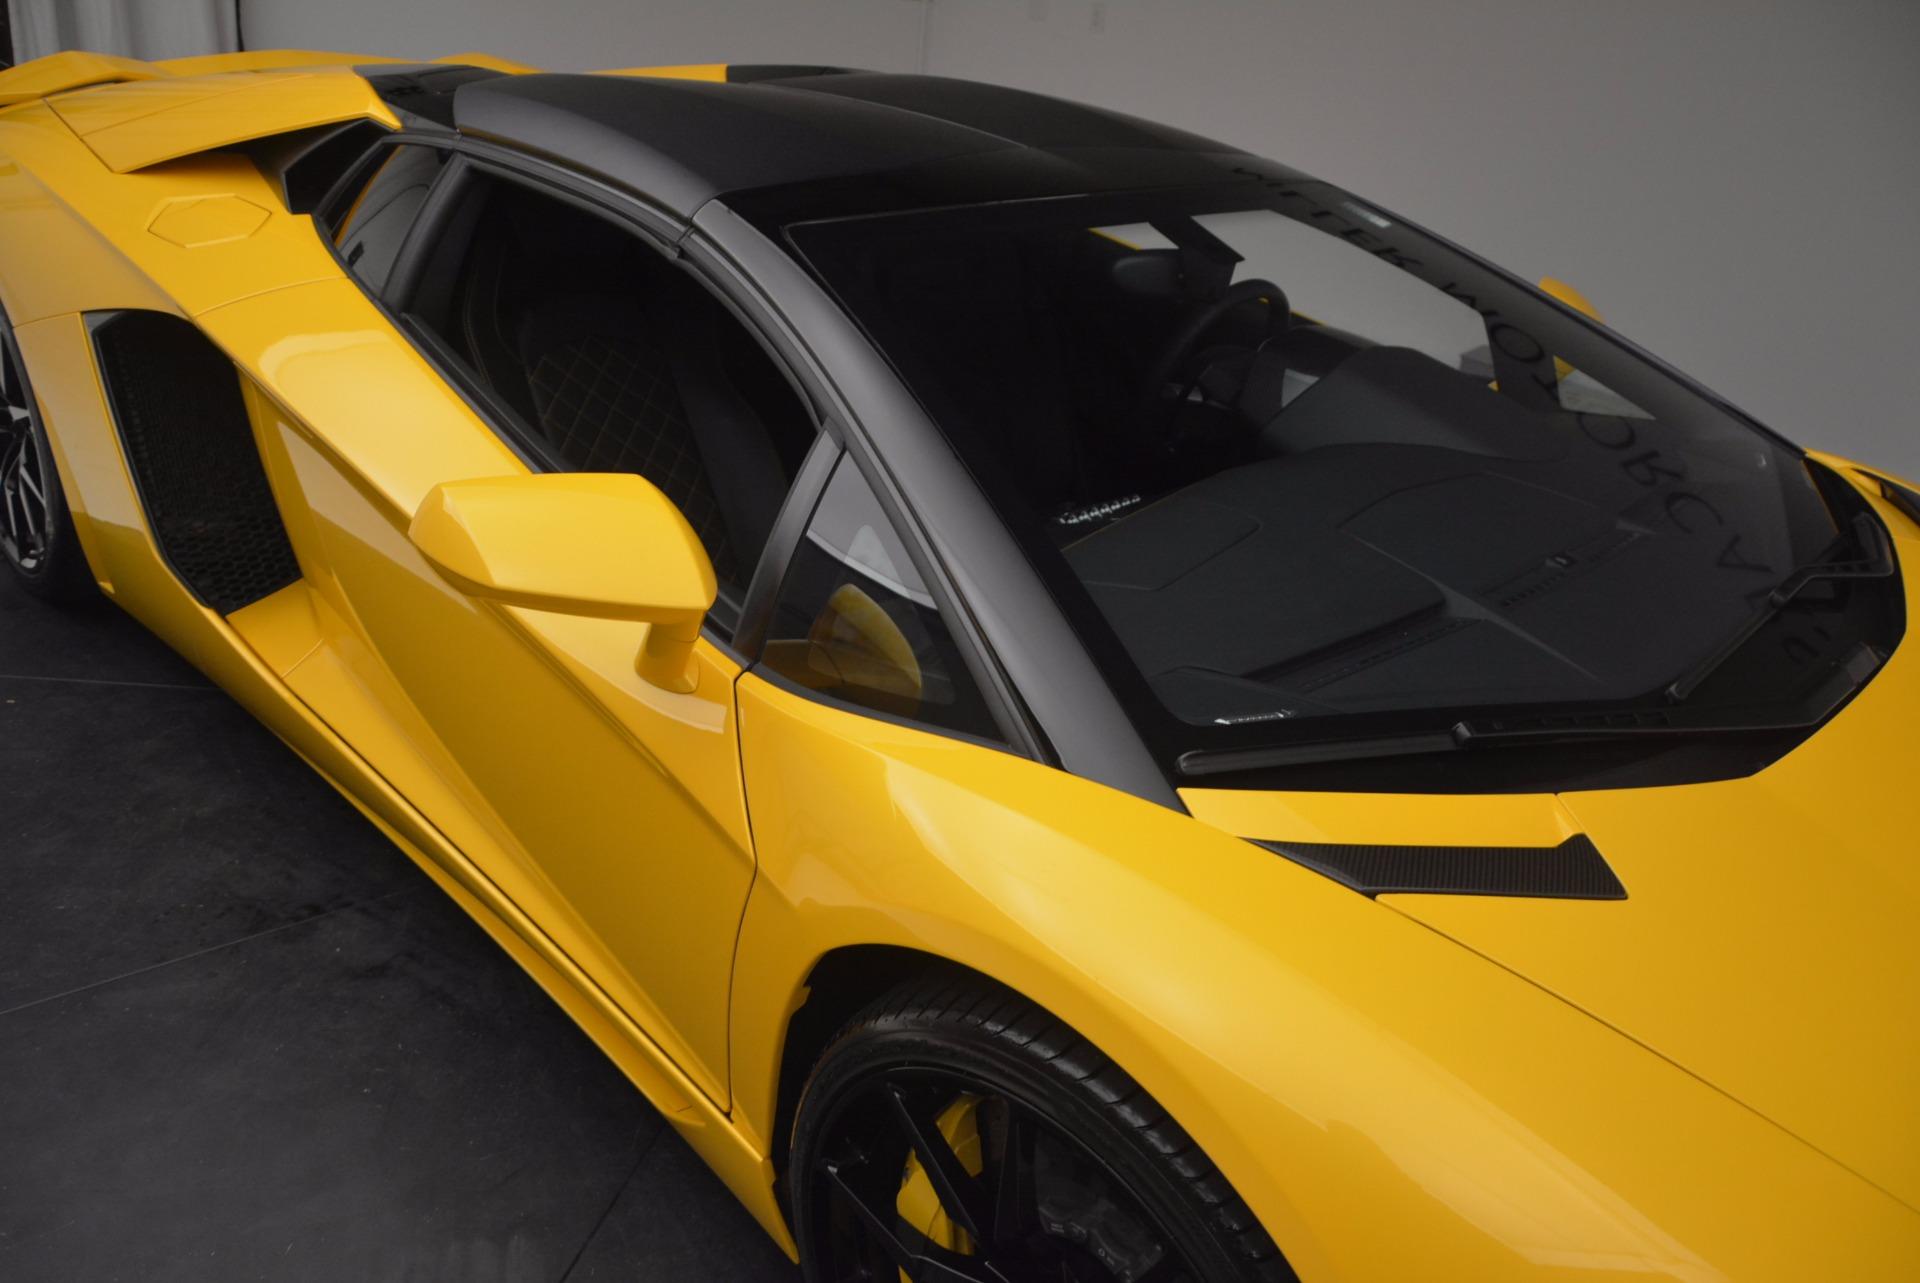 Used 2015 Lamborghini Aventador LP 700-4 Roadster For Sale In Greenwich, CT. Alfa Romeo of Greenwich, 7284 1774_p30